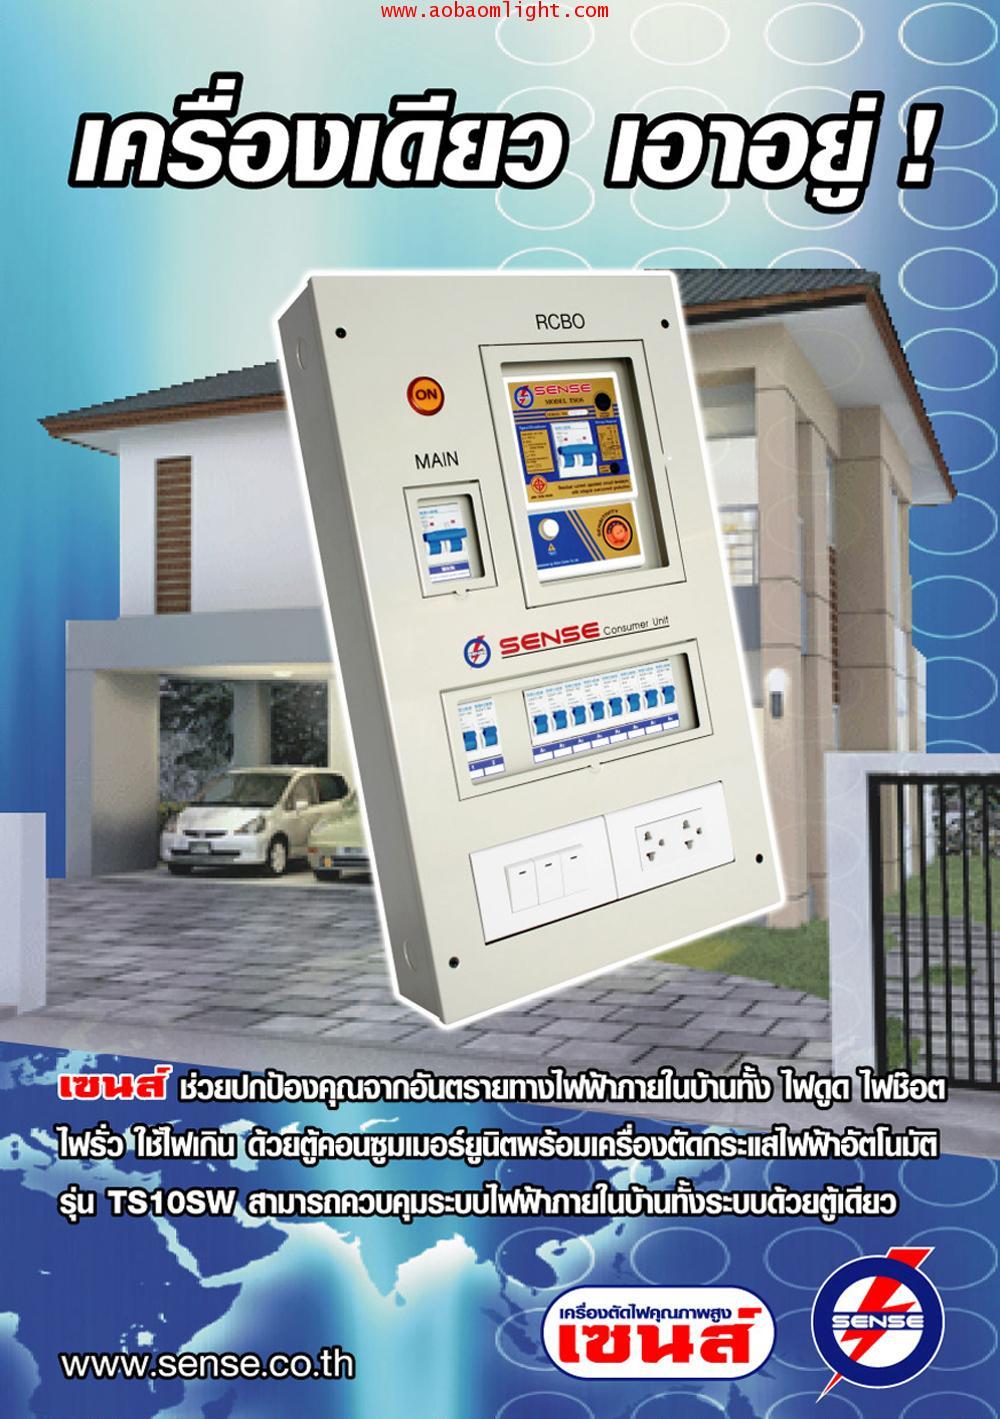 ตู้ไฟ คอมซูมเมอร์ยูนิต เซนส์ รุ่น TS 10SW  สำหรับไฟฟ้า 1เฟส 2 สาย